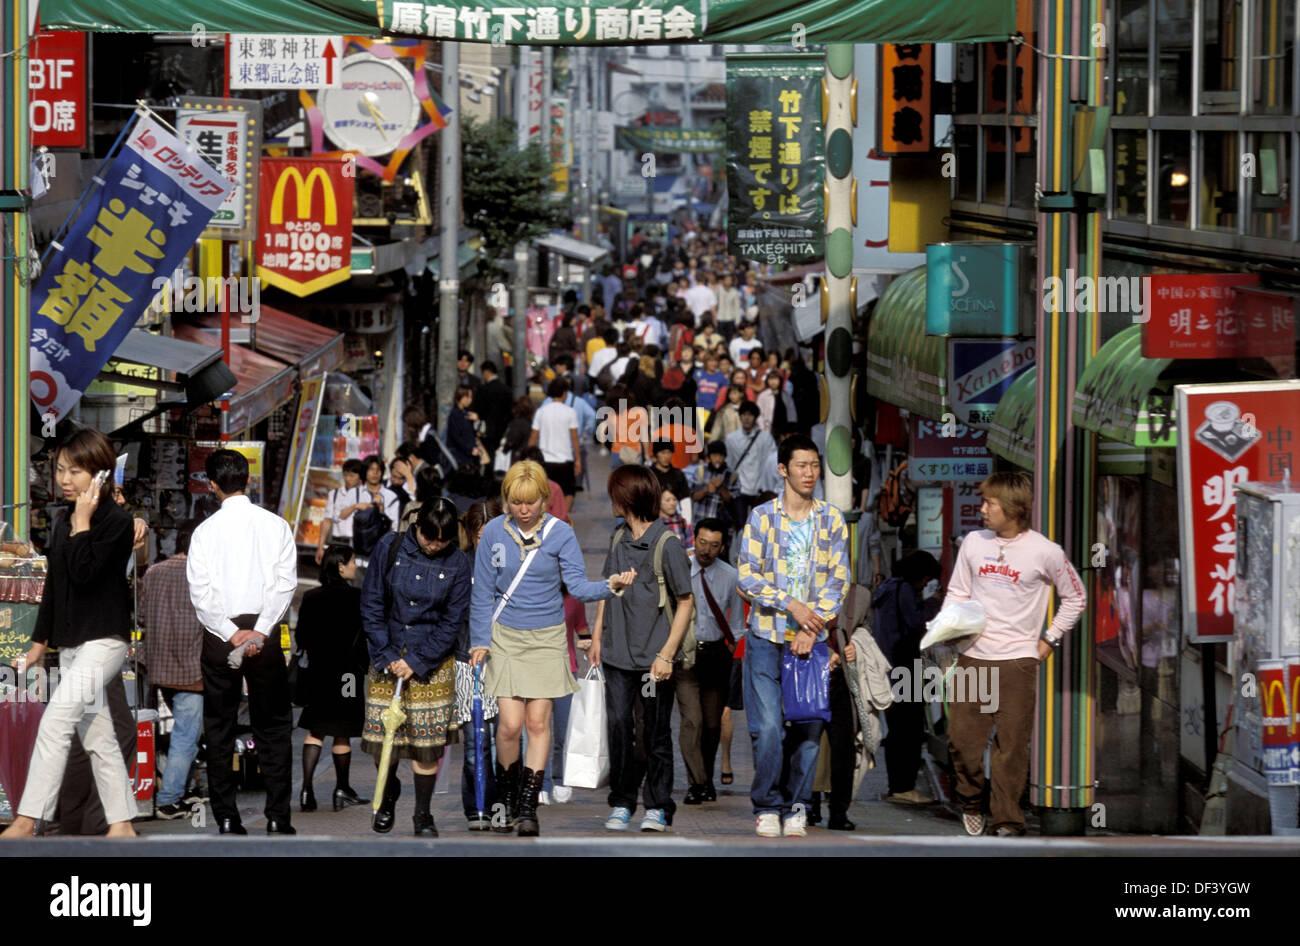 Harajuku la cultura juvenil y el área de la moda, Tokio, Japón Imagen De Stock